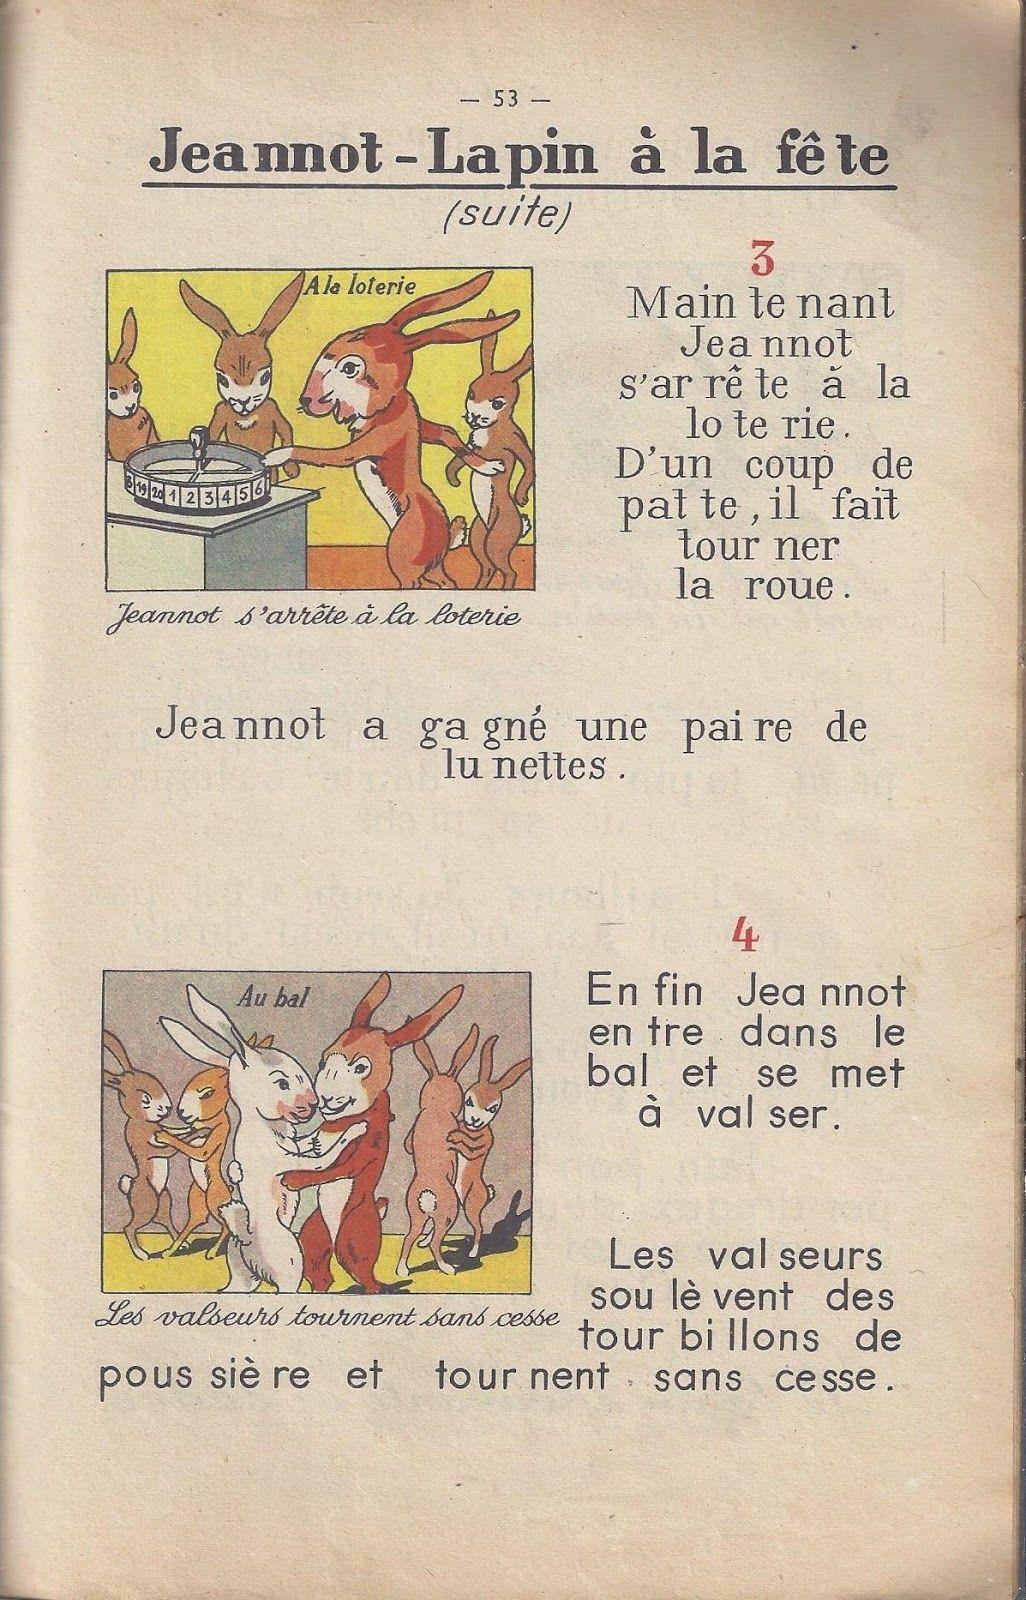 Methode Francois 2e Livret De Lecture 13e Edition Methode De Lecture Lecture Exercices Lecture Ce1